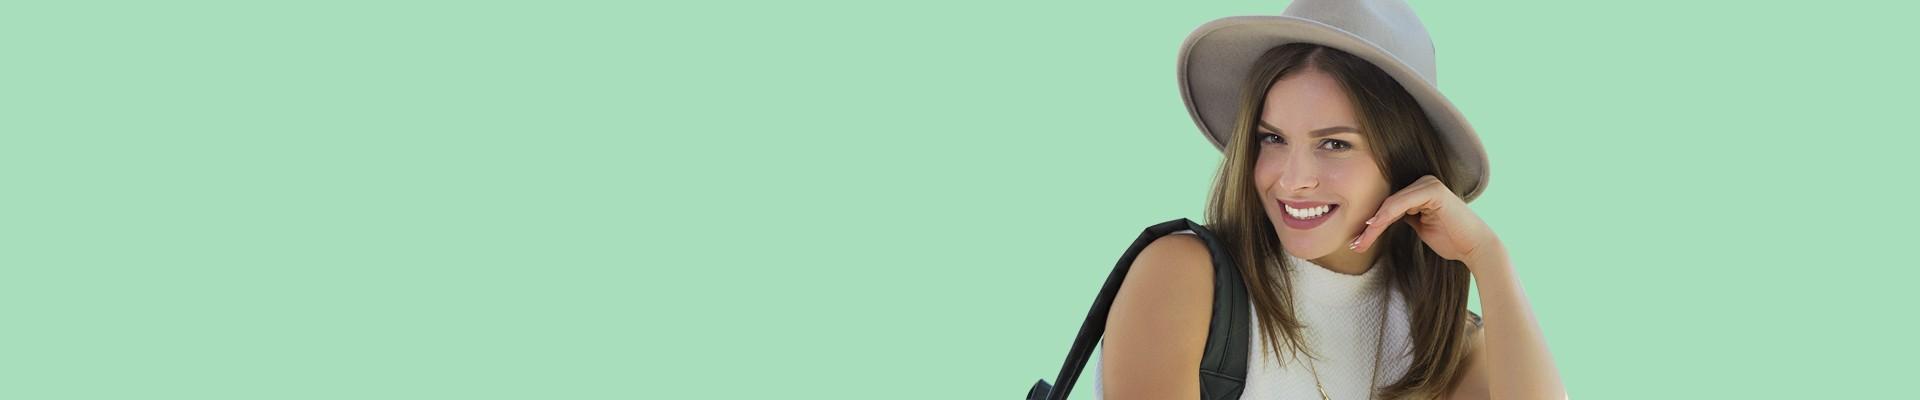 6279297a10a Jual Topi Wanita - Beli Topi Wanita Terbaru Online